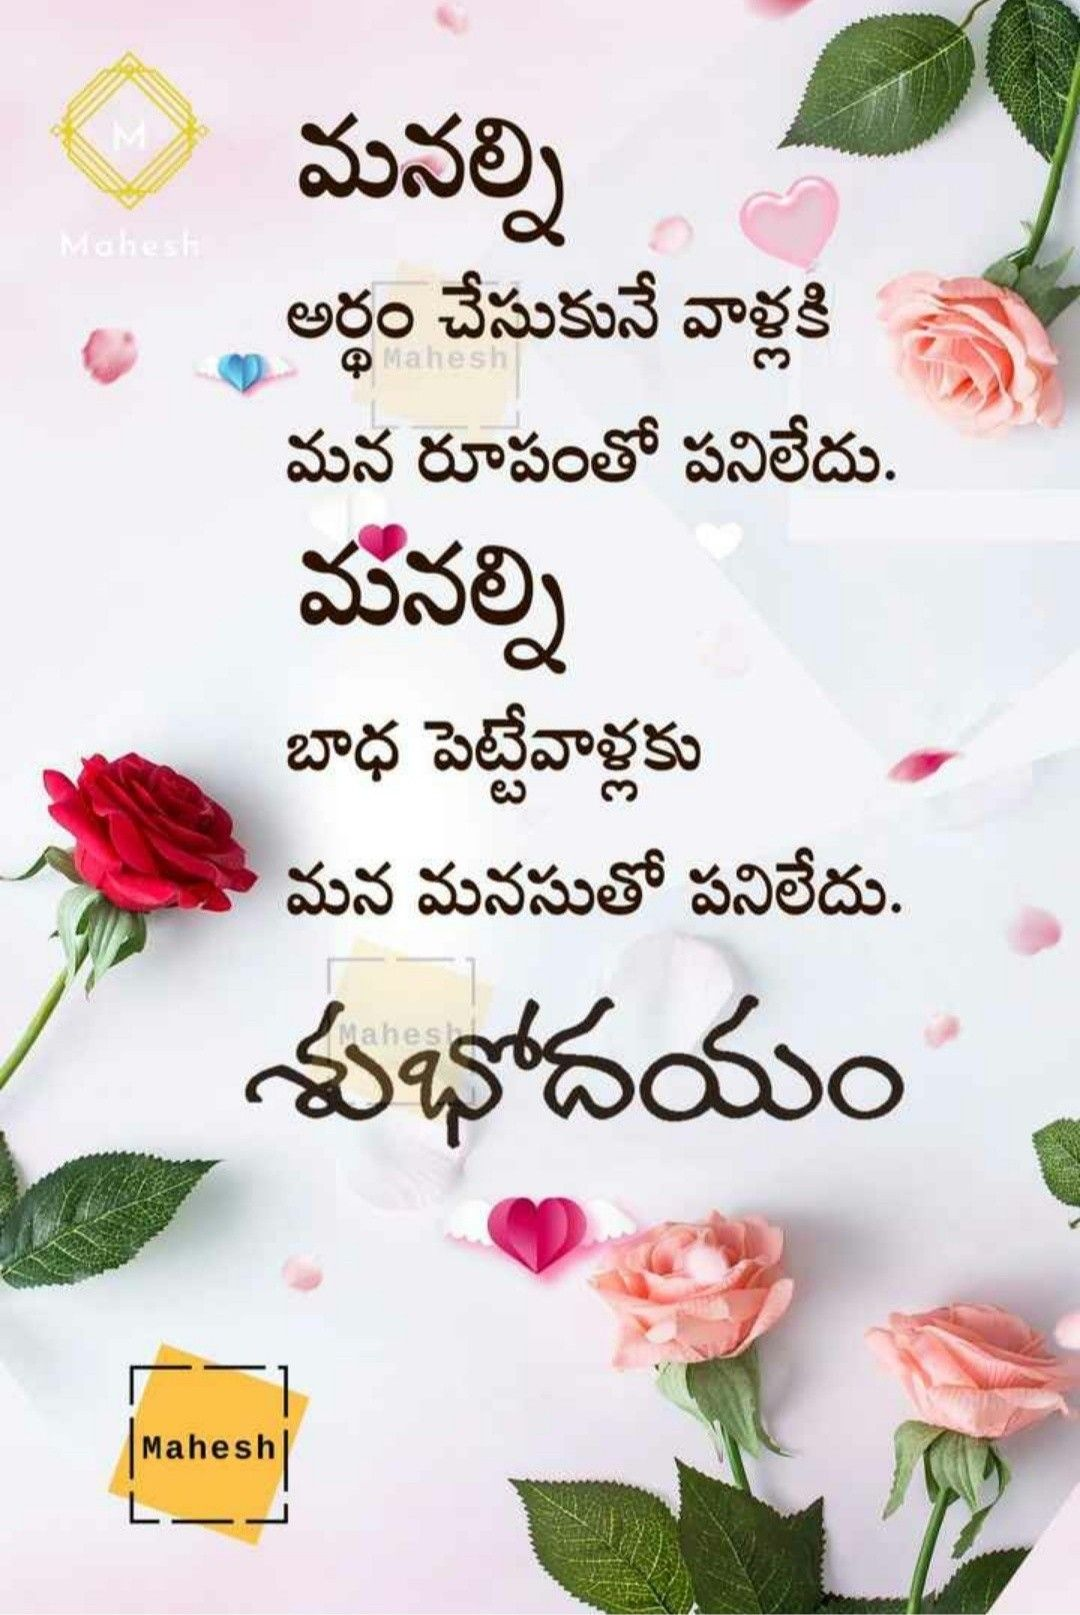 Excellent love quotes in telugu telugu inspirational